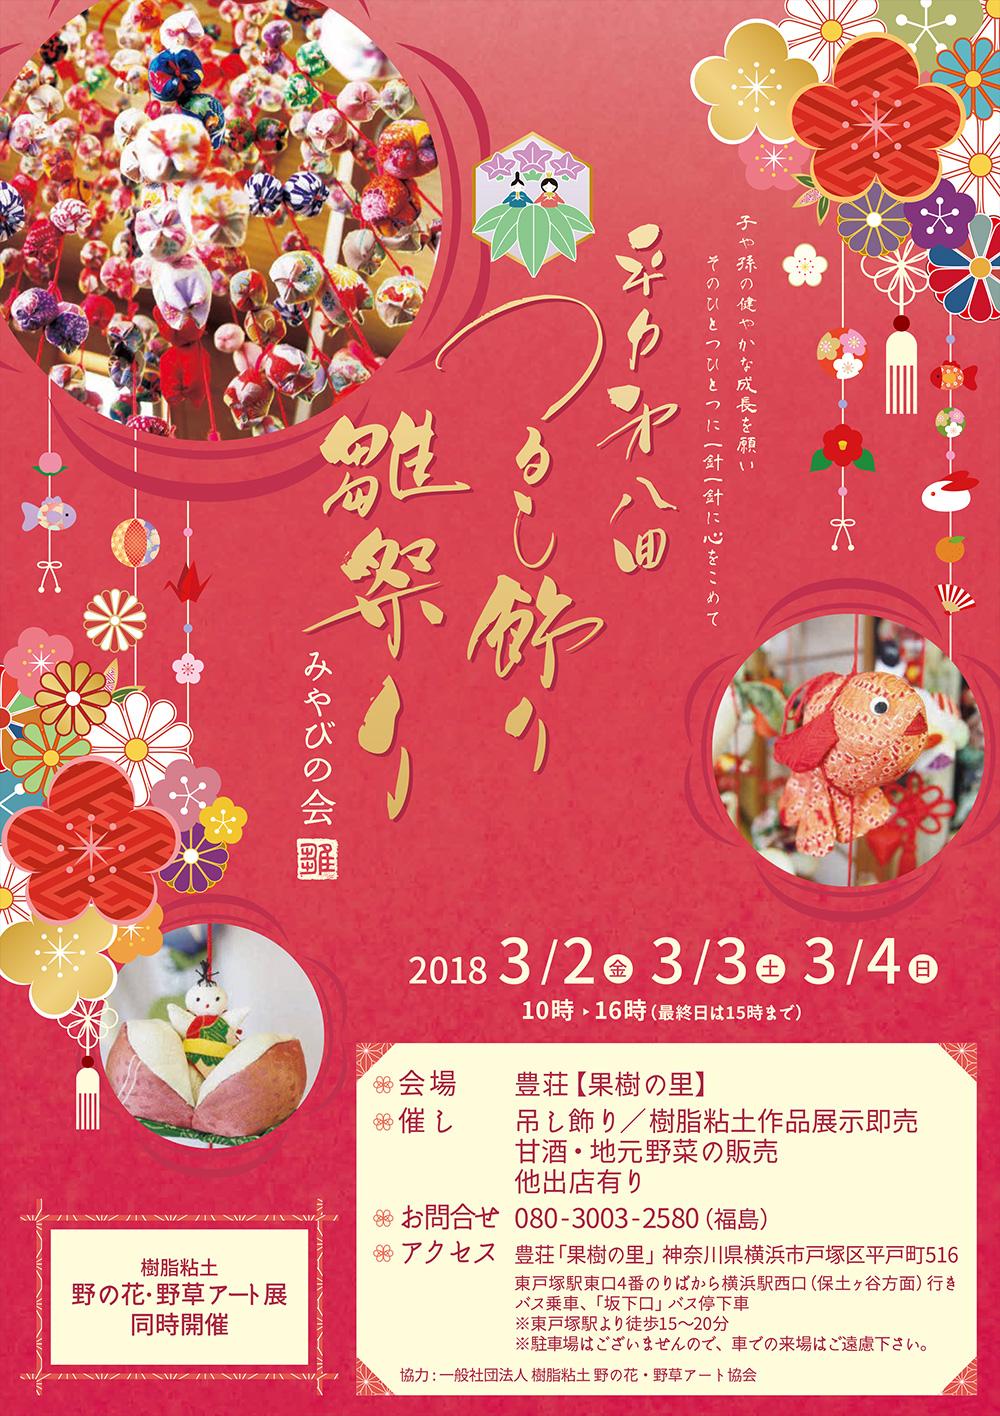 第8回 平戸吊るし飾り雛祭り(同時開催:樹脂粘土 野の花・野草アート展)